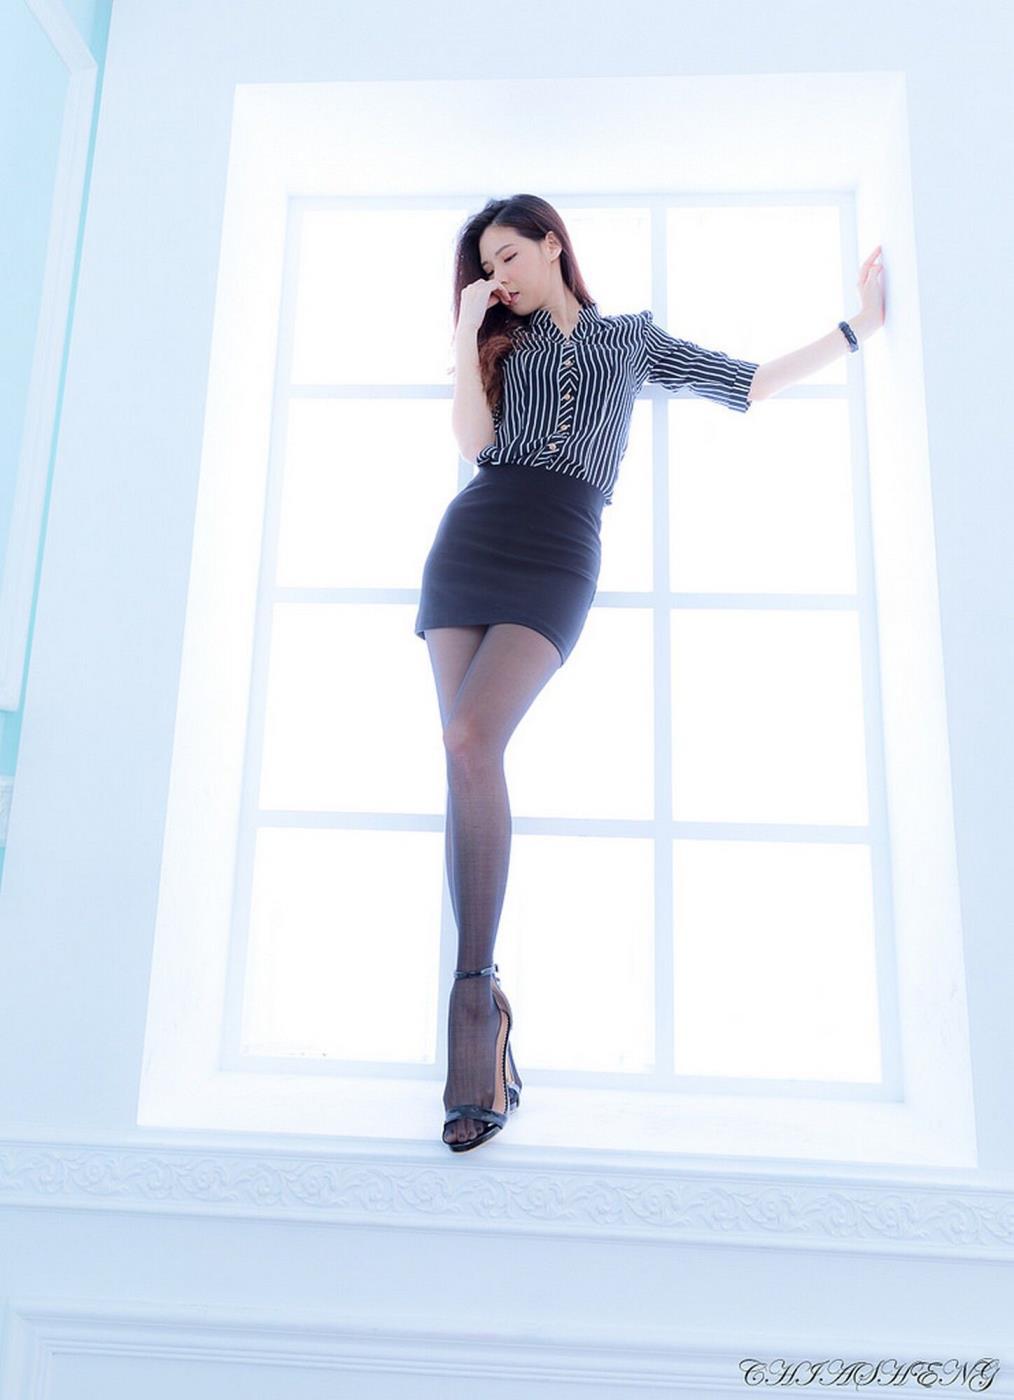 台湾性感美女嫩模吴诺DUDU黑丝美腿诱惑写真图片